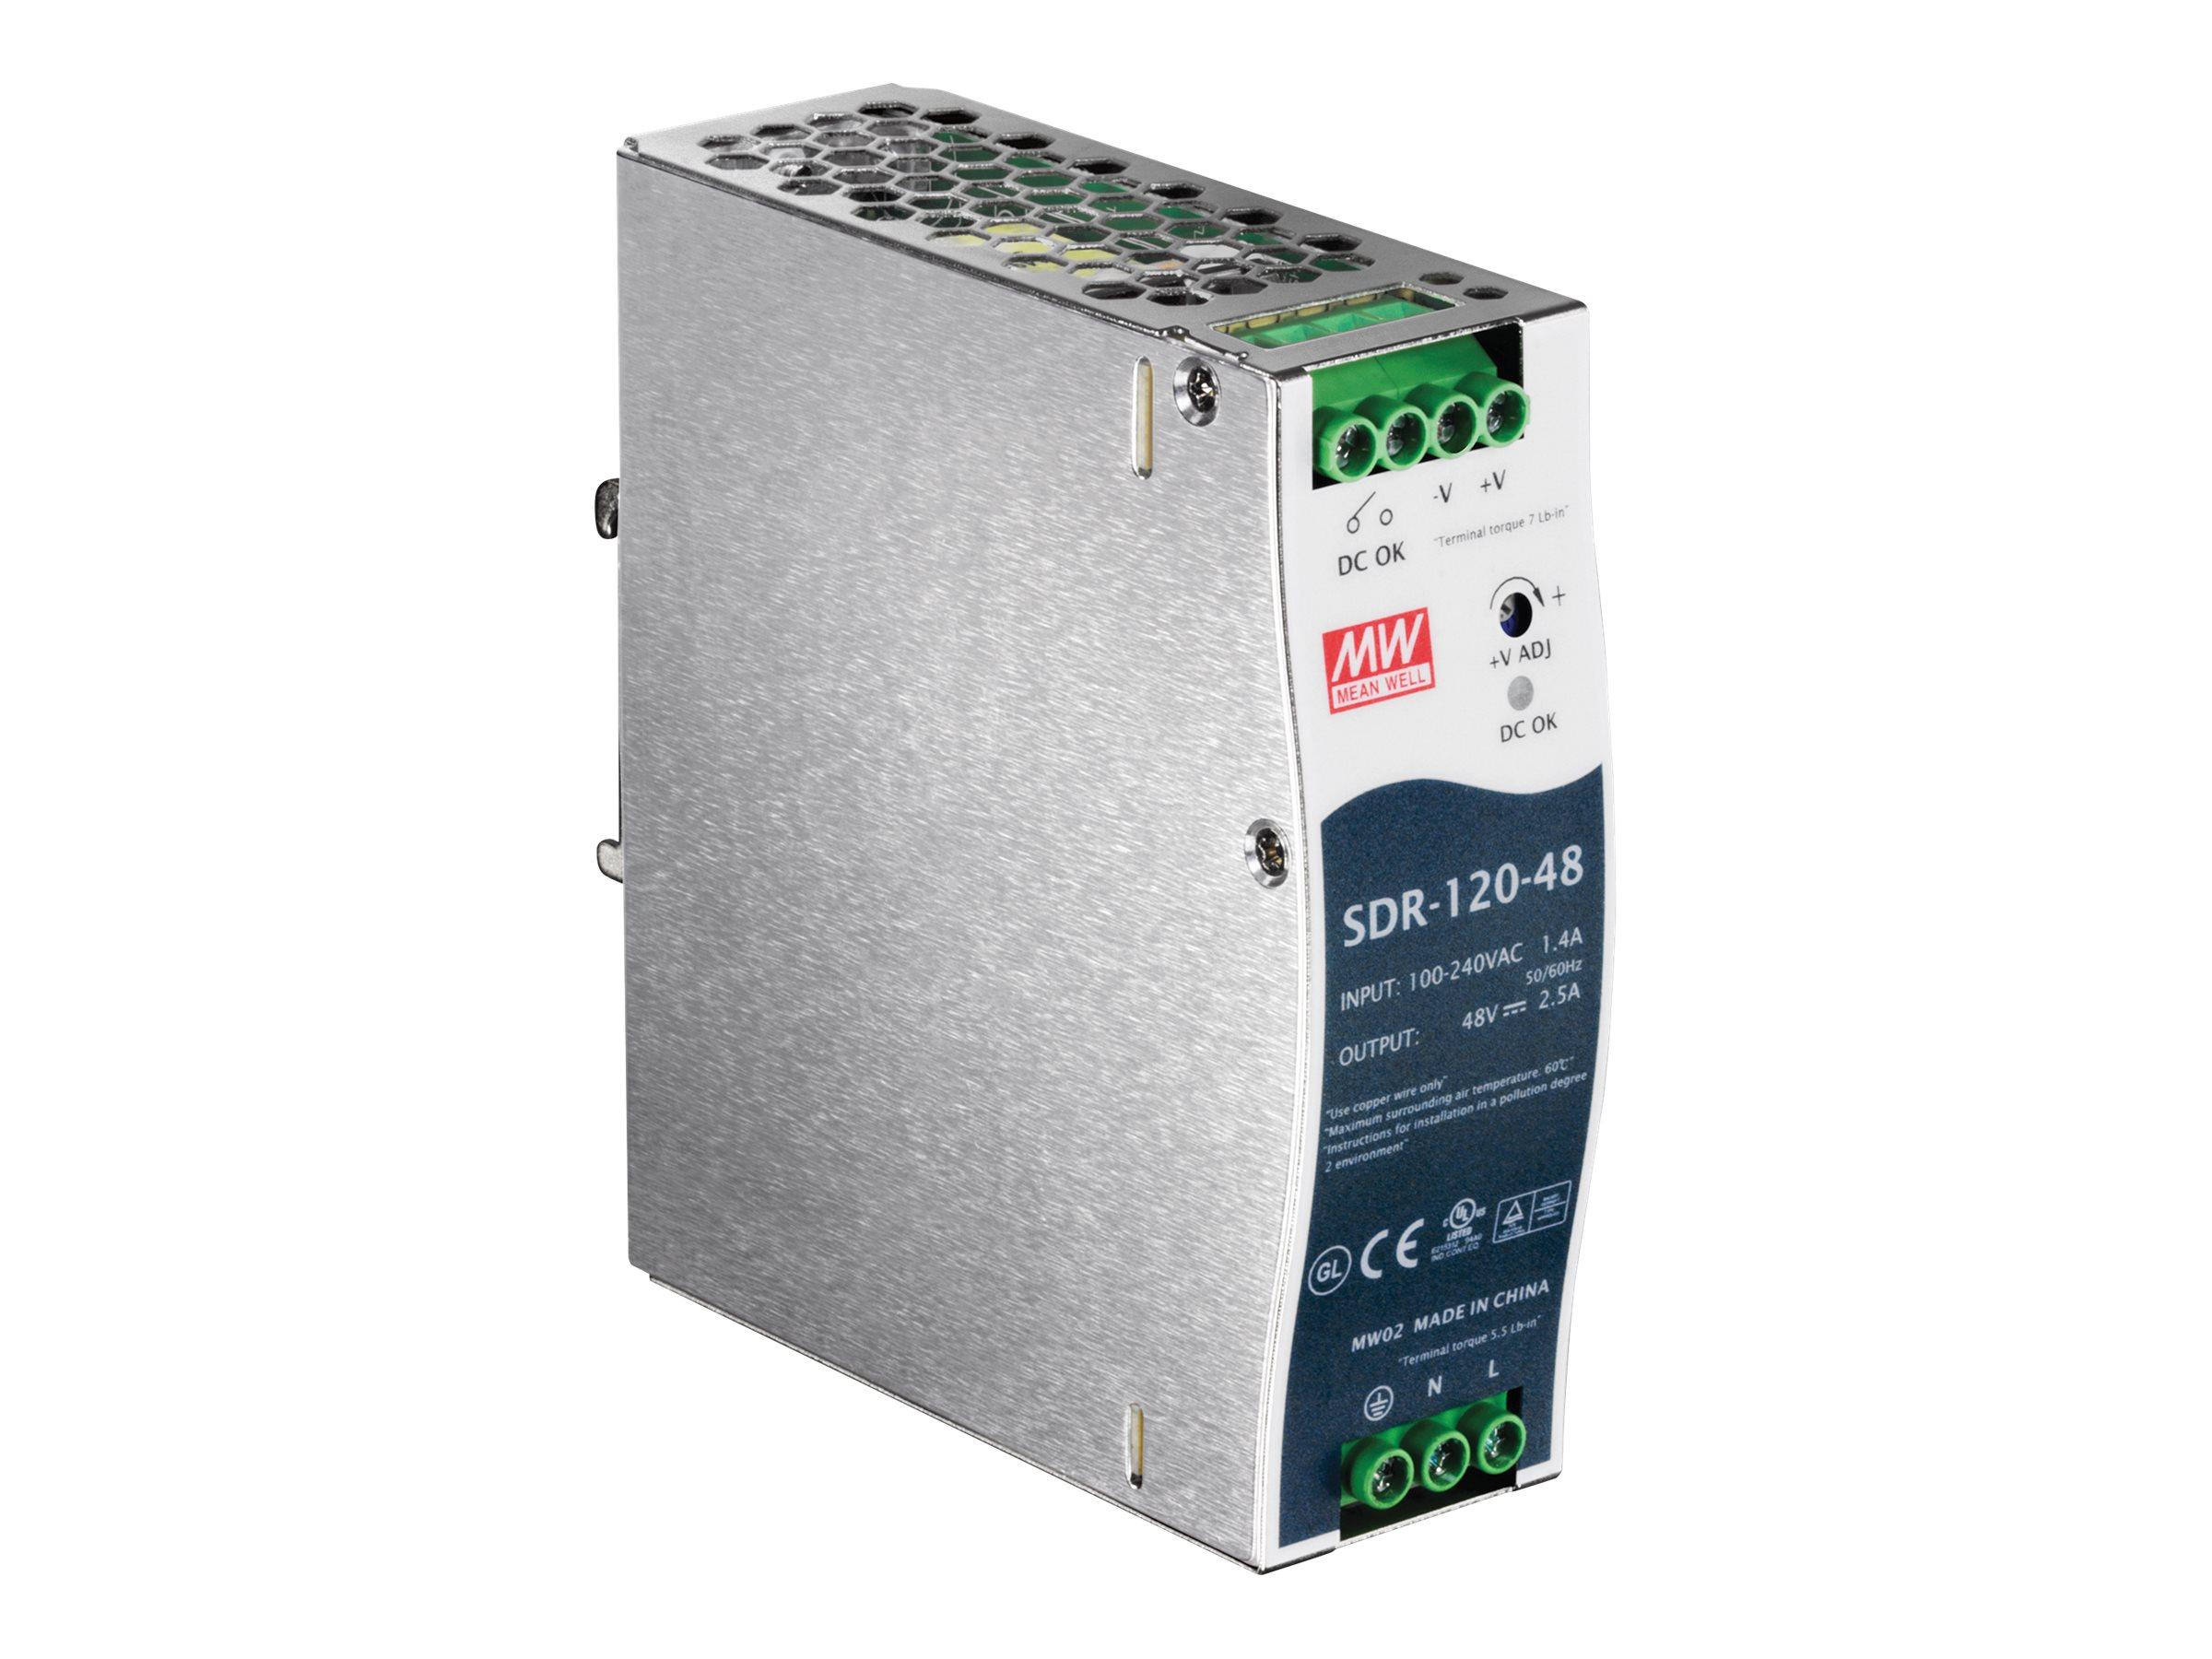 TRENDnet TI-S12048 - Stromversorgung (DIN-Schienenmontage m?glich)